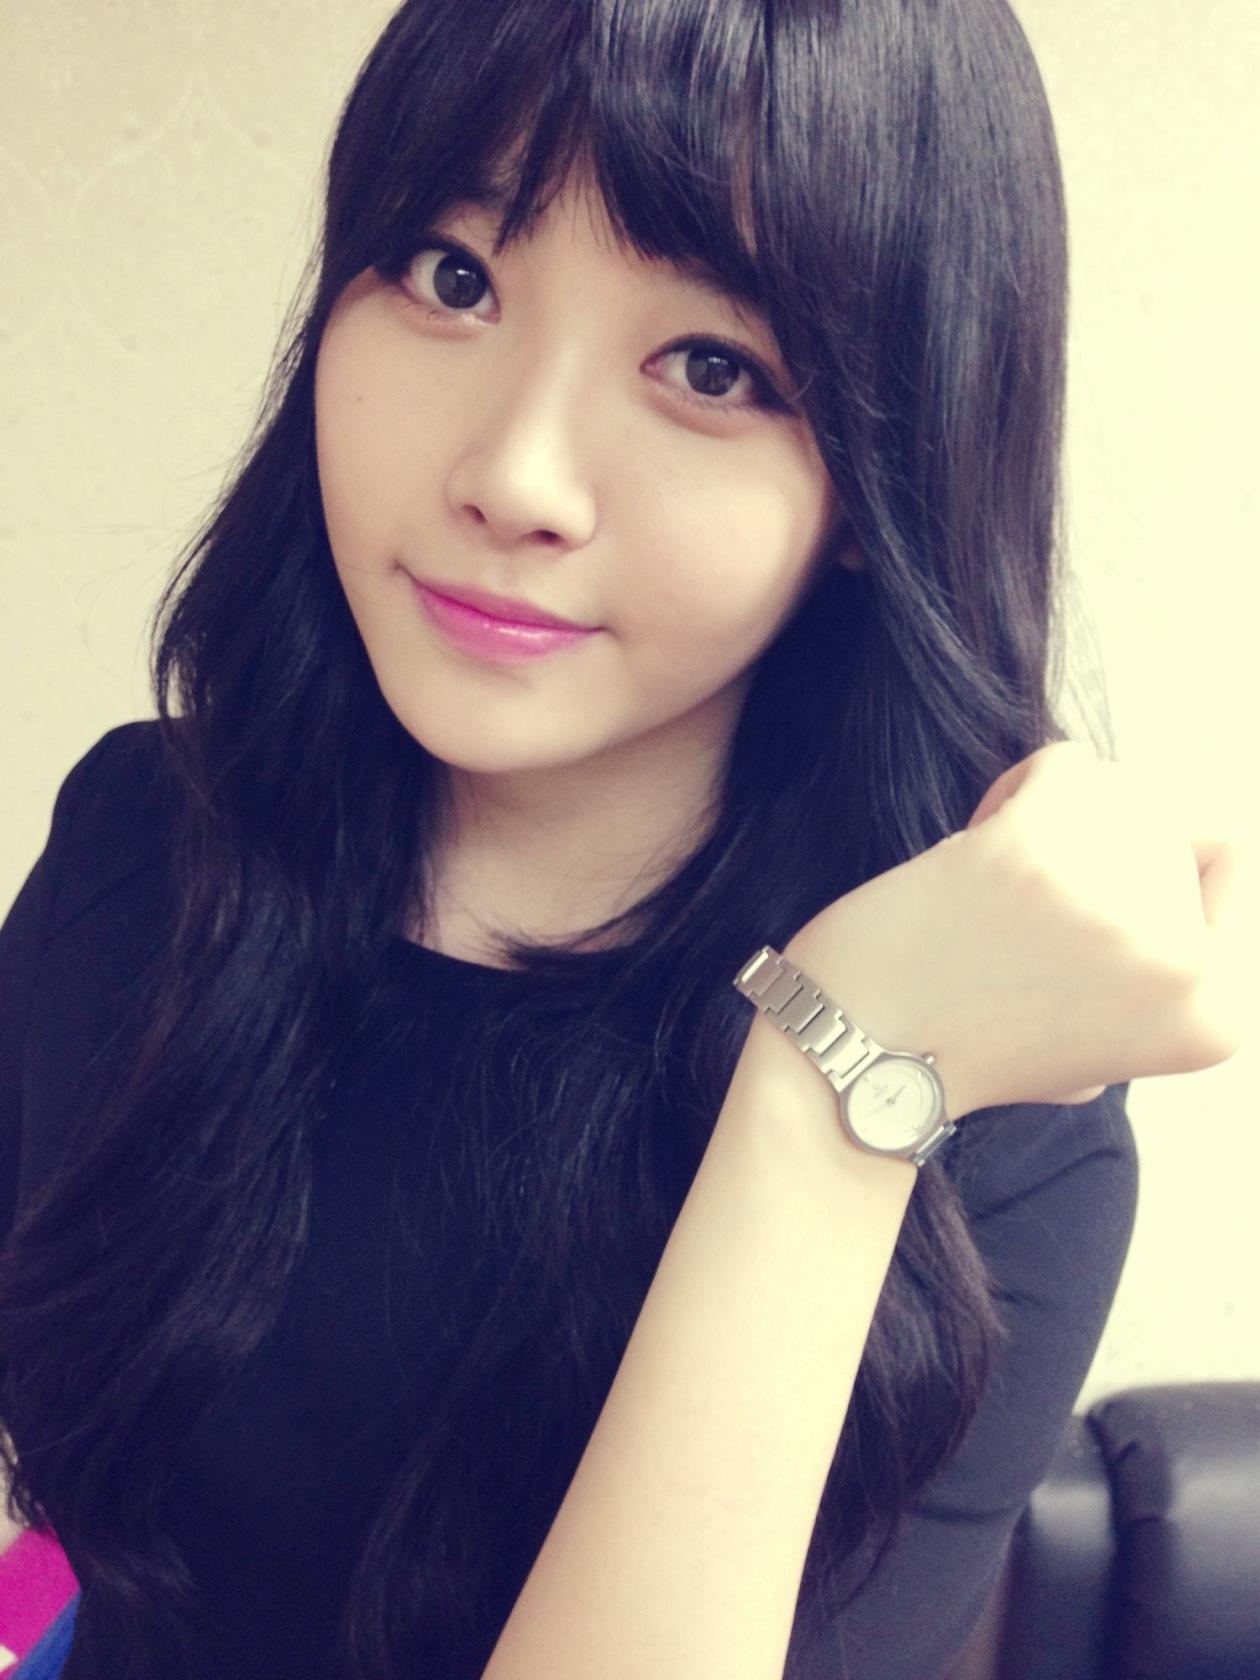 Girls Day Yura